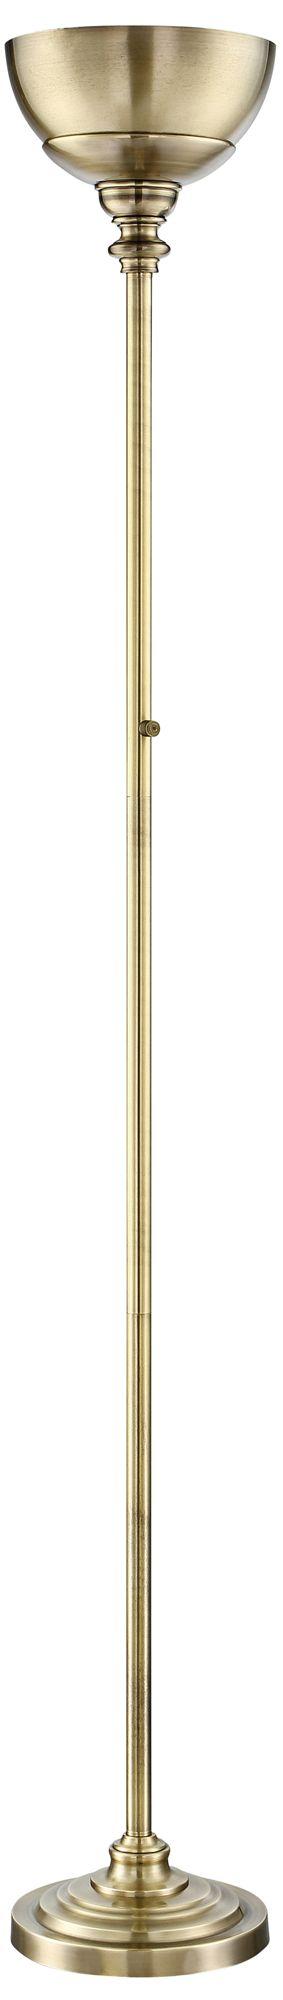 Lite Source Dallon Antique Brass LED Torchiere Floor Lamp